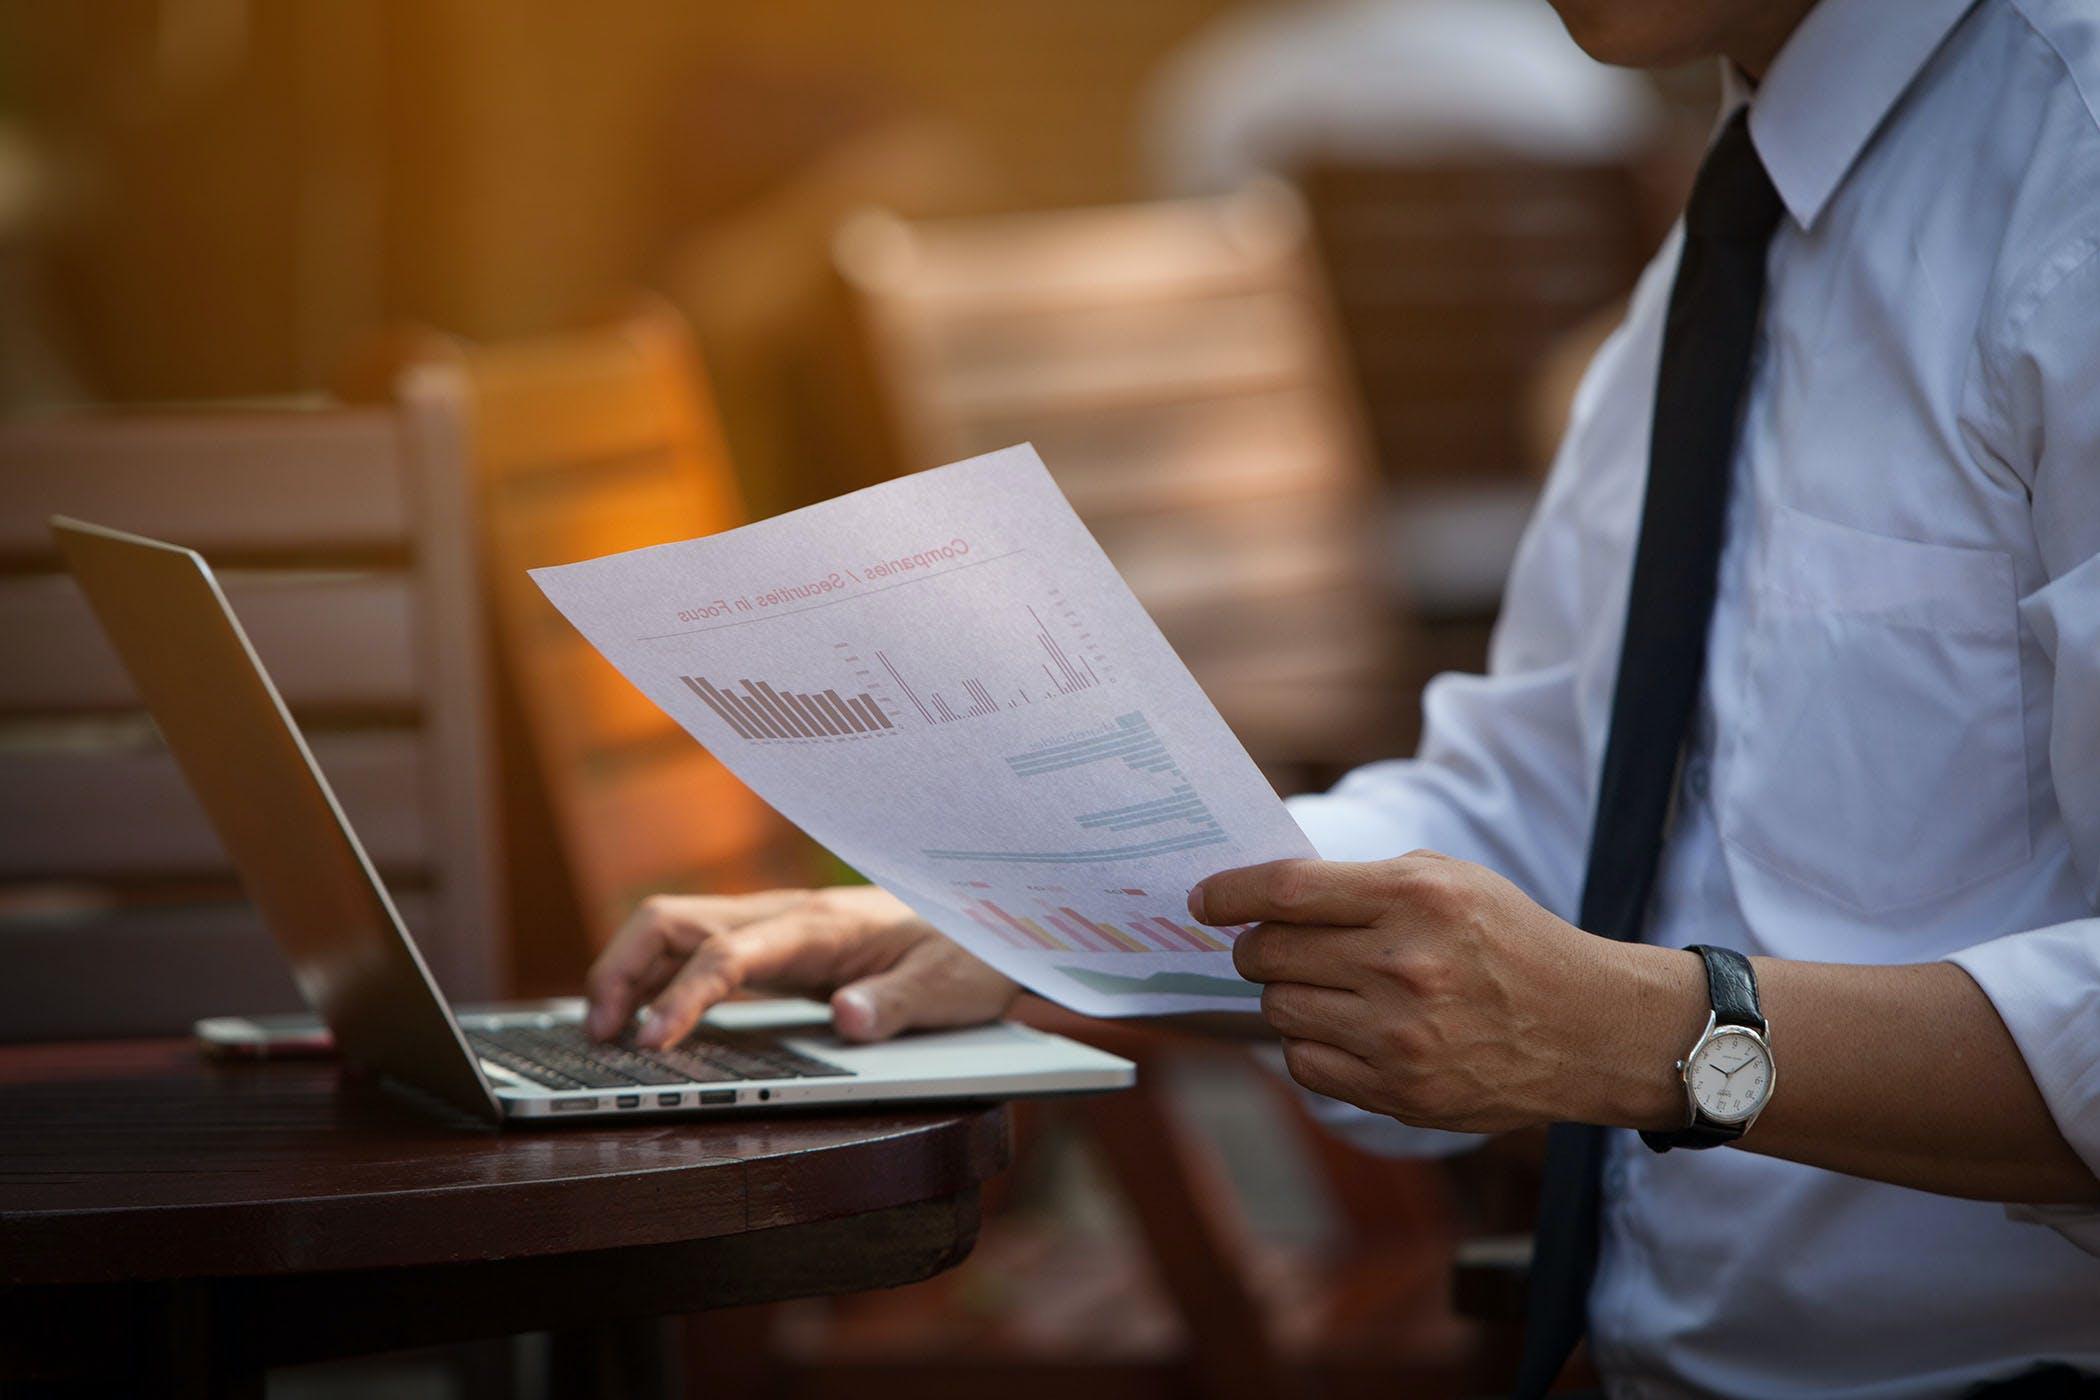 Weryfikowanie znajomości Excela podczas rekrutacji cover image